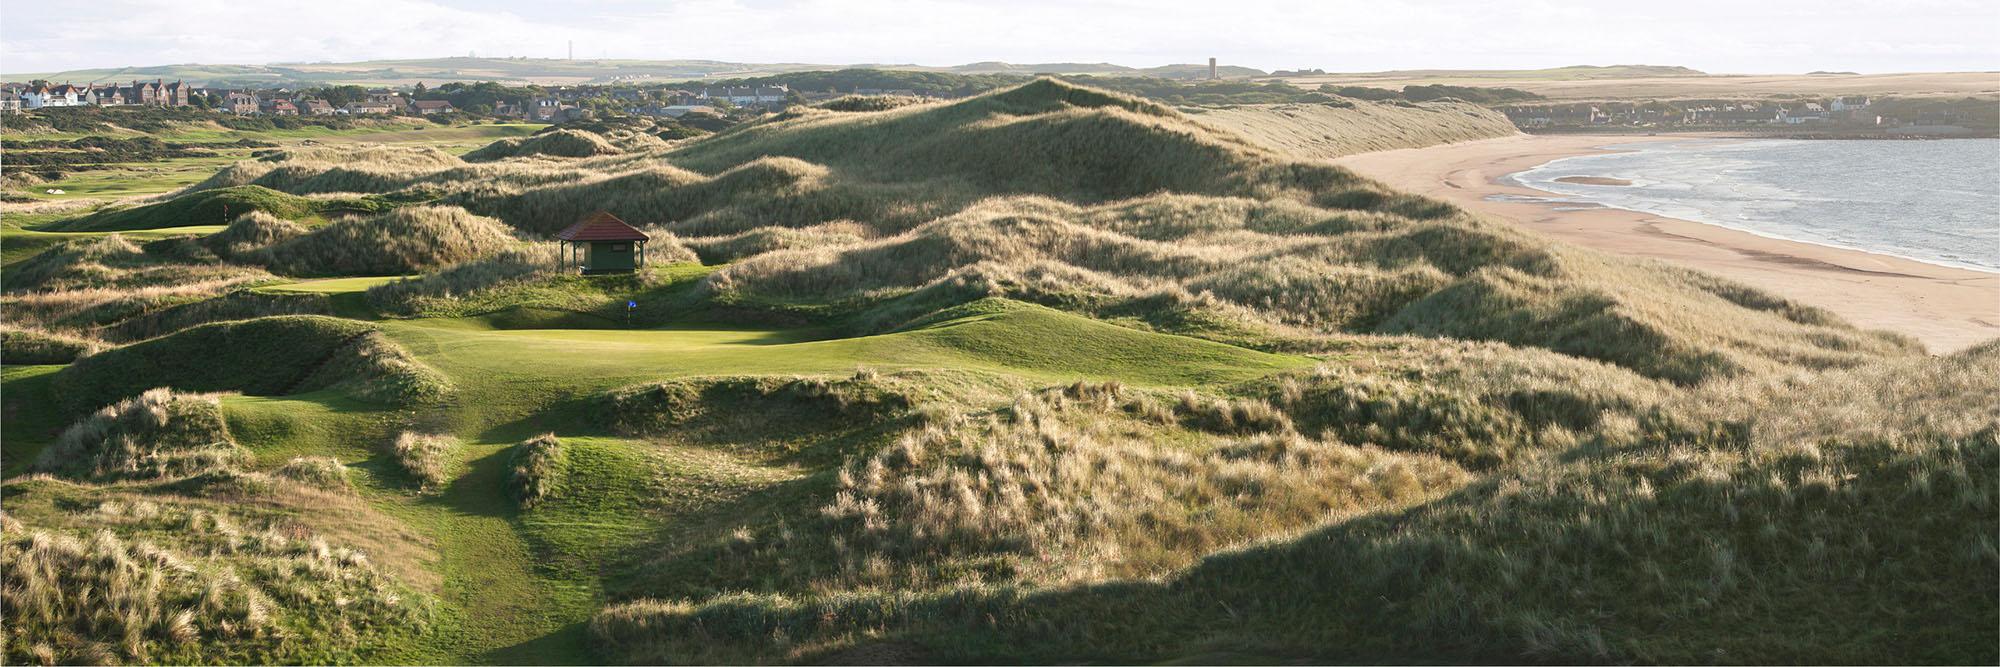 Golf Course Image - Cruden Bay No. 16